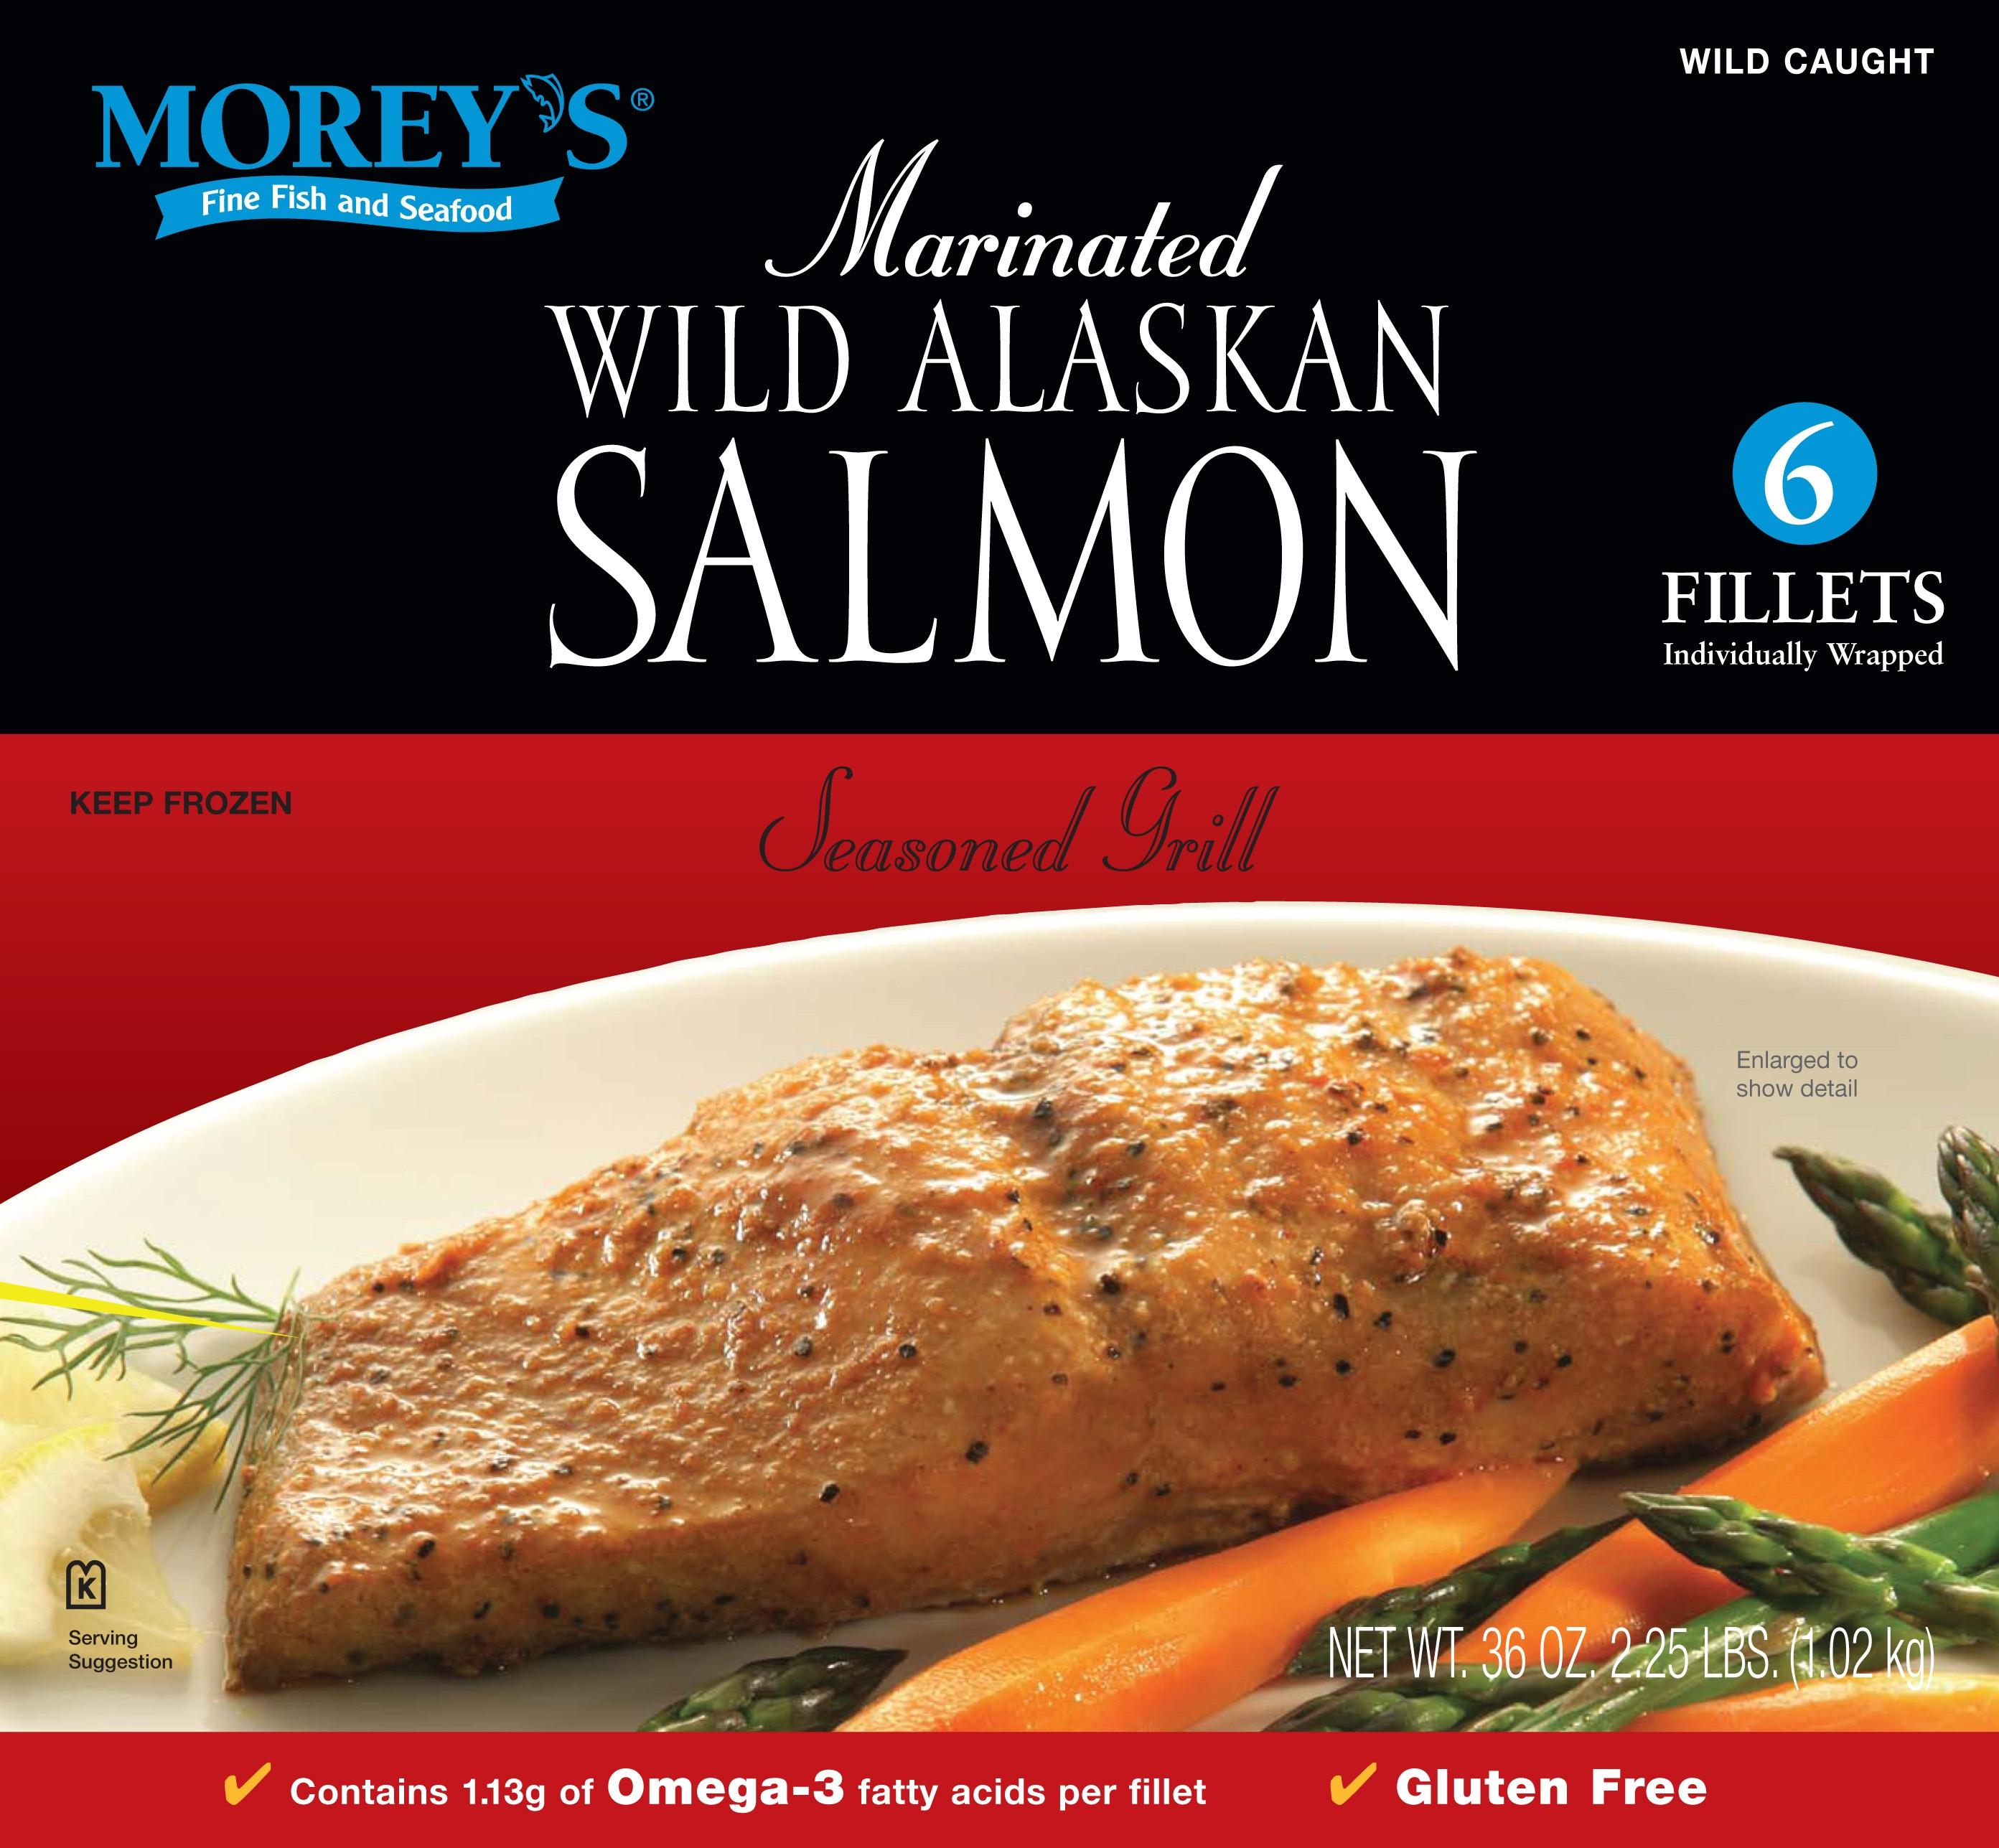 Seasoned grill wild alaskan salmon morey 39 s for Morey s fish